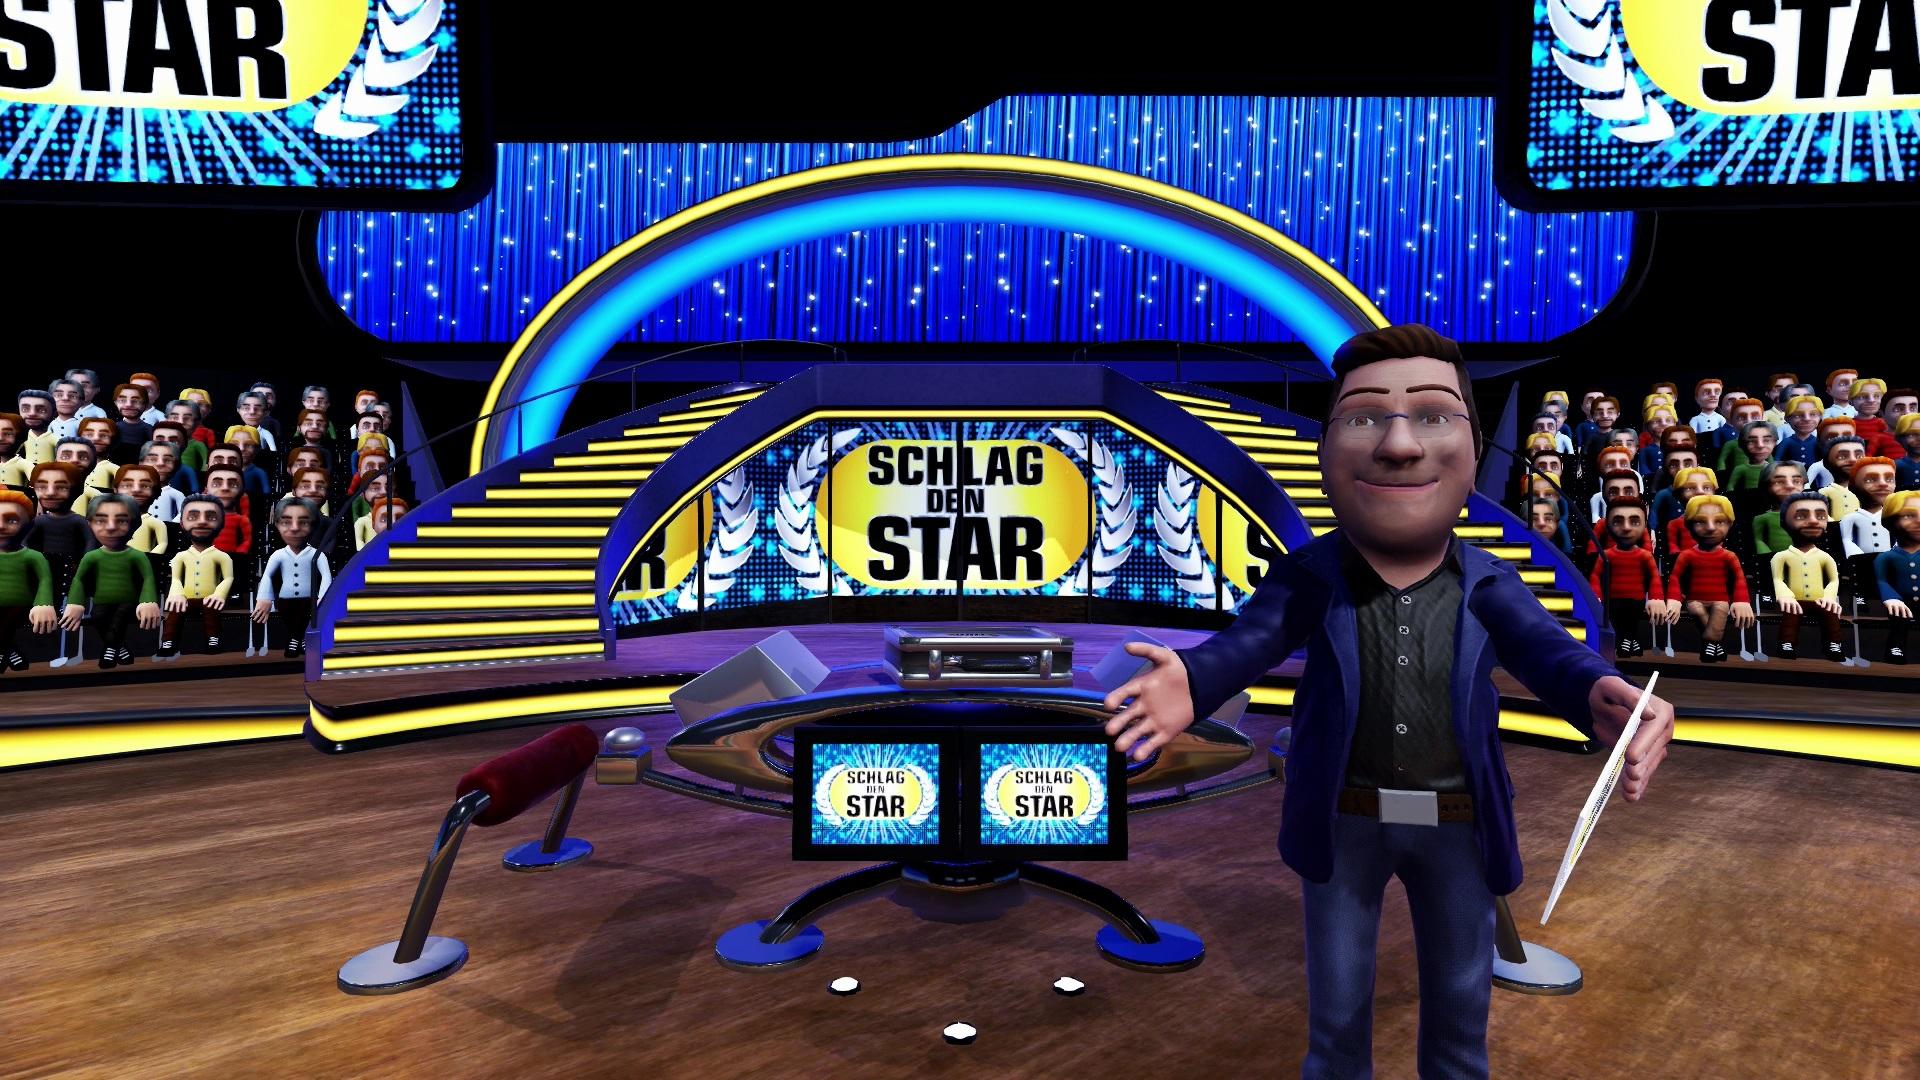 Casino Spiele Kostenlos Das Spiel Genießen Ohne Regelmäßige Gebühren – DonT Die Now